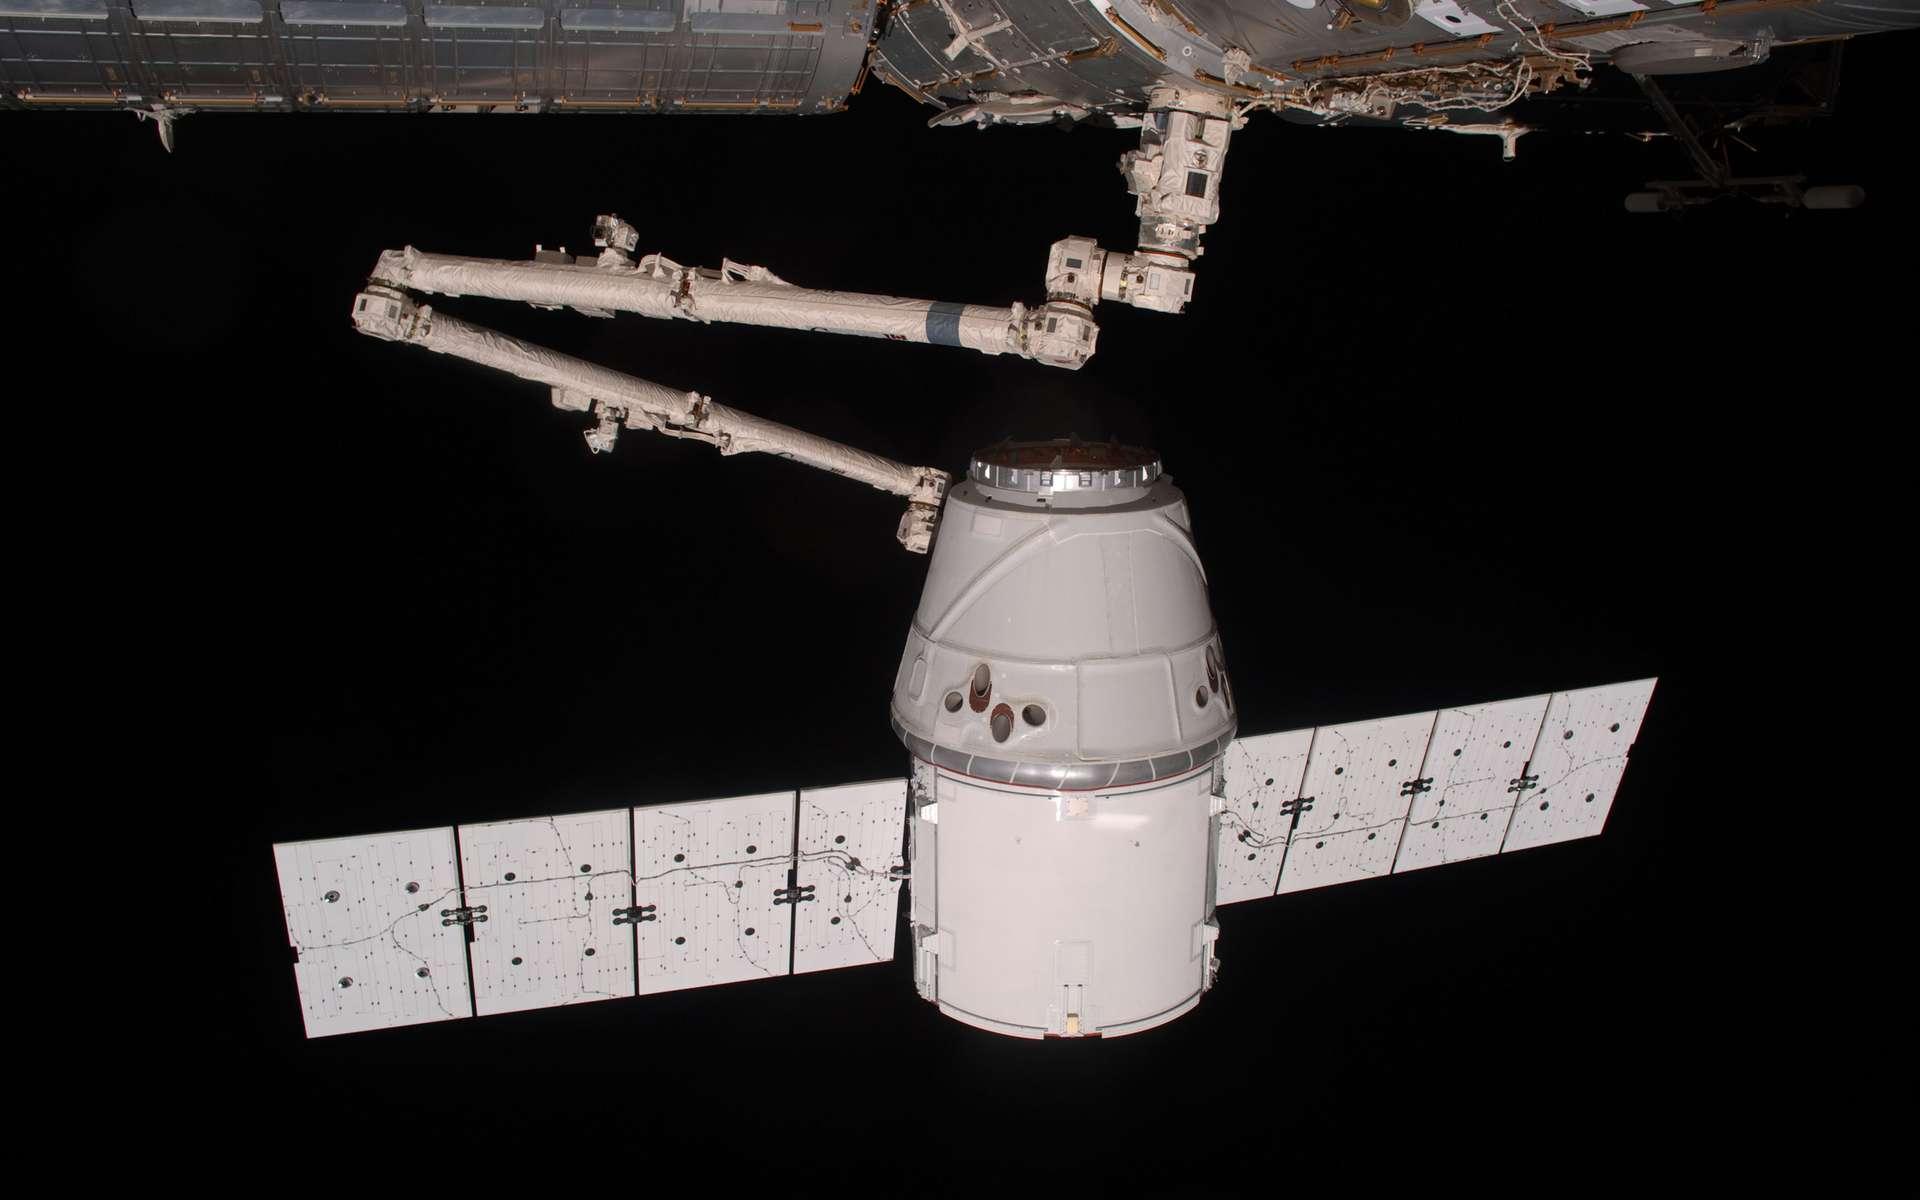 Arrivée au terme de sa mission, la capsule Dragon s'apprête à revenir sur Terre lors d'une rentrée contrôlée. La capsule de SpaceX ne sera pas réutilisée mais exposée comme le premier véhicule spatial privé à s'être amarré à la Station spatiale internationale. © Nasa